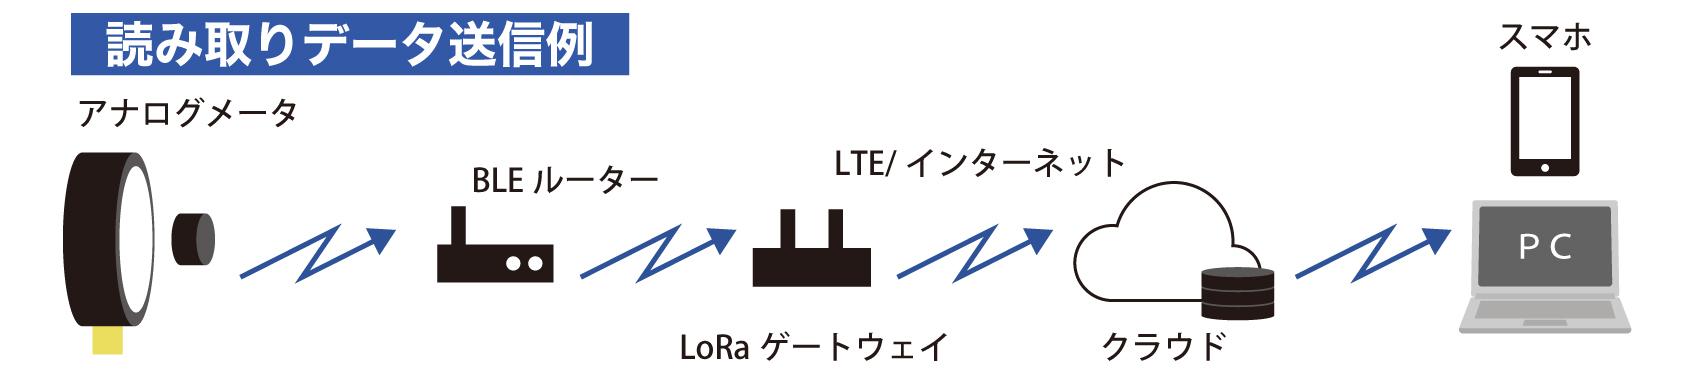 SIRC角度センサユニット